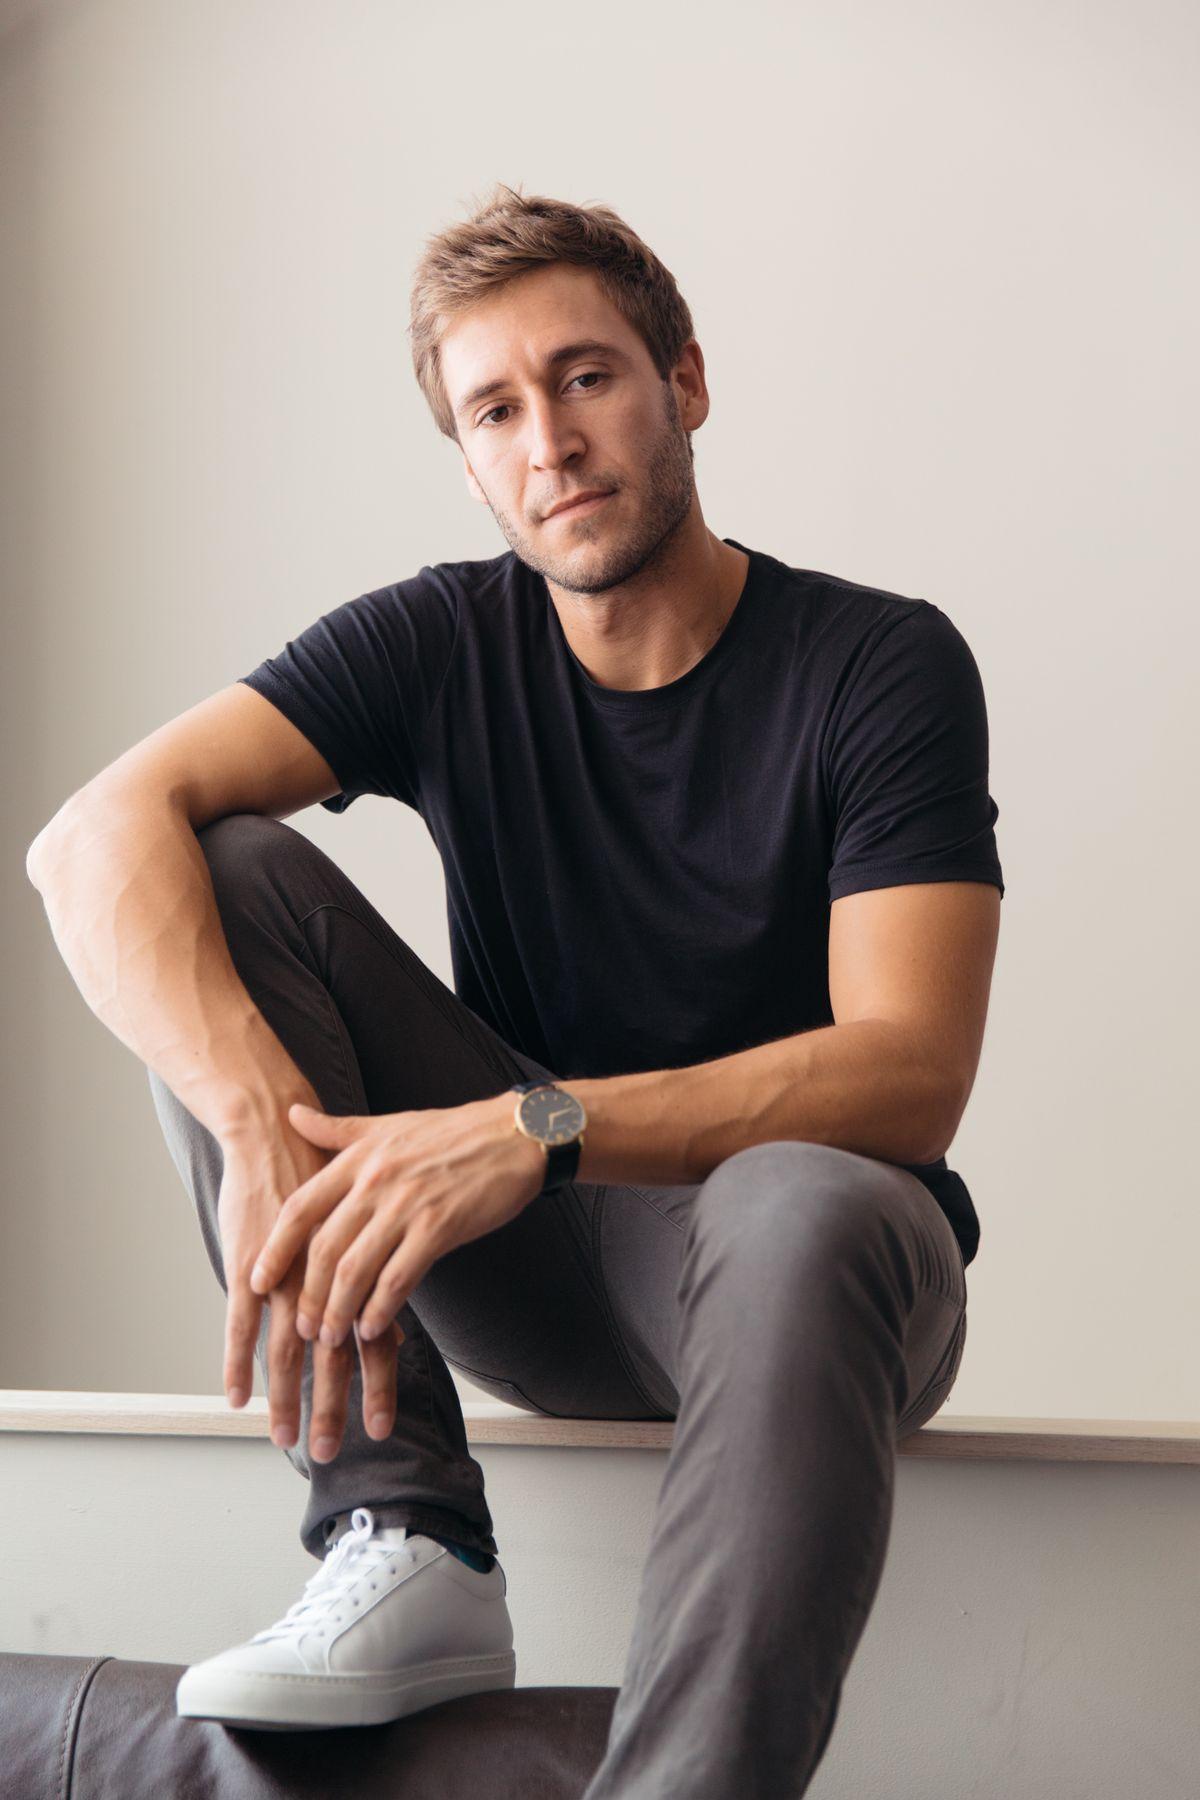 Jake Rosenberg